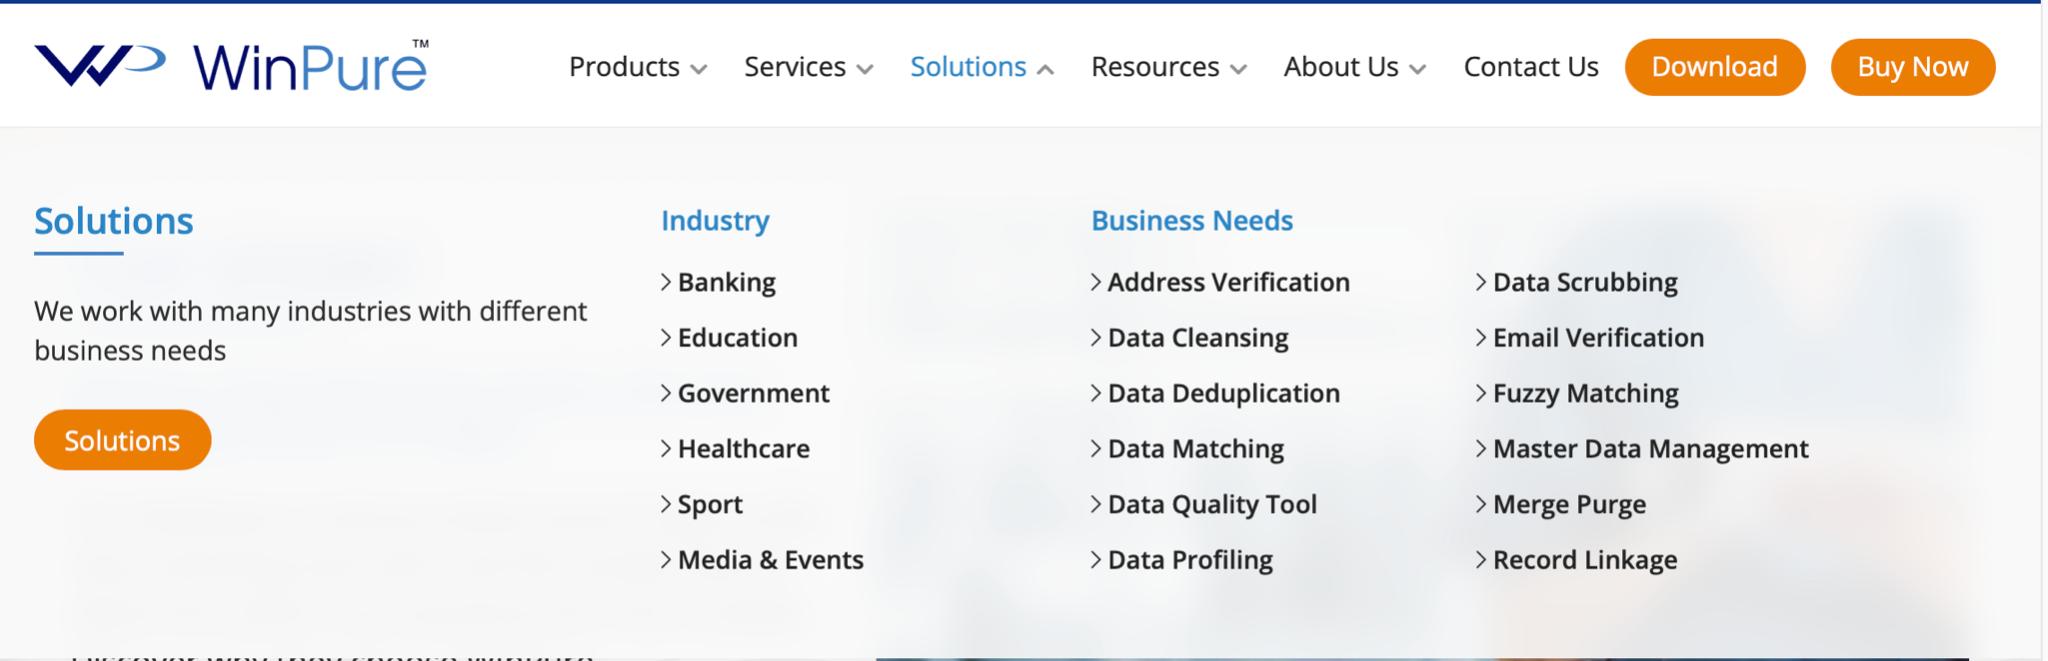 WinPure industries in website footer